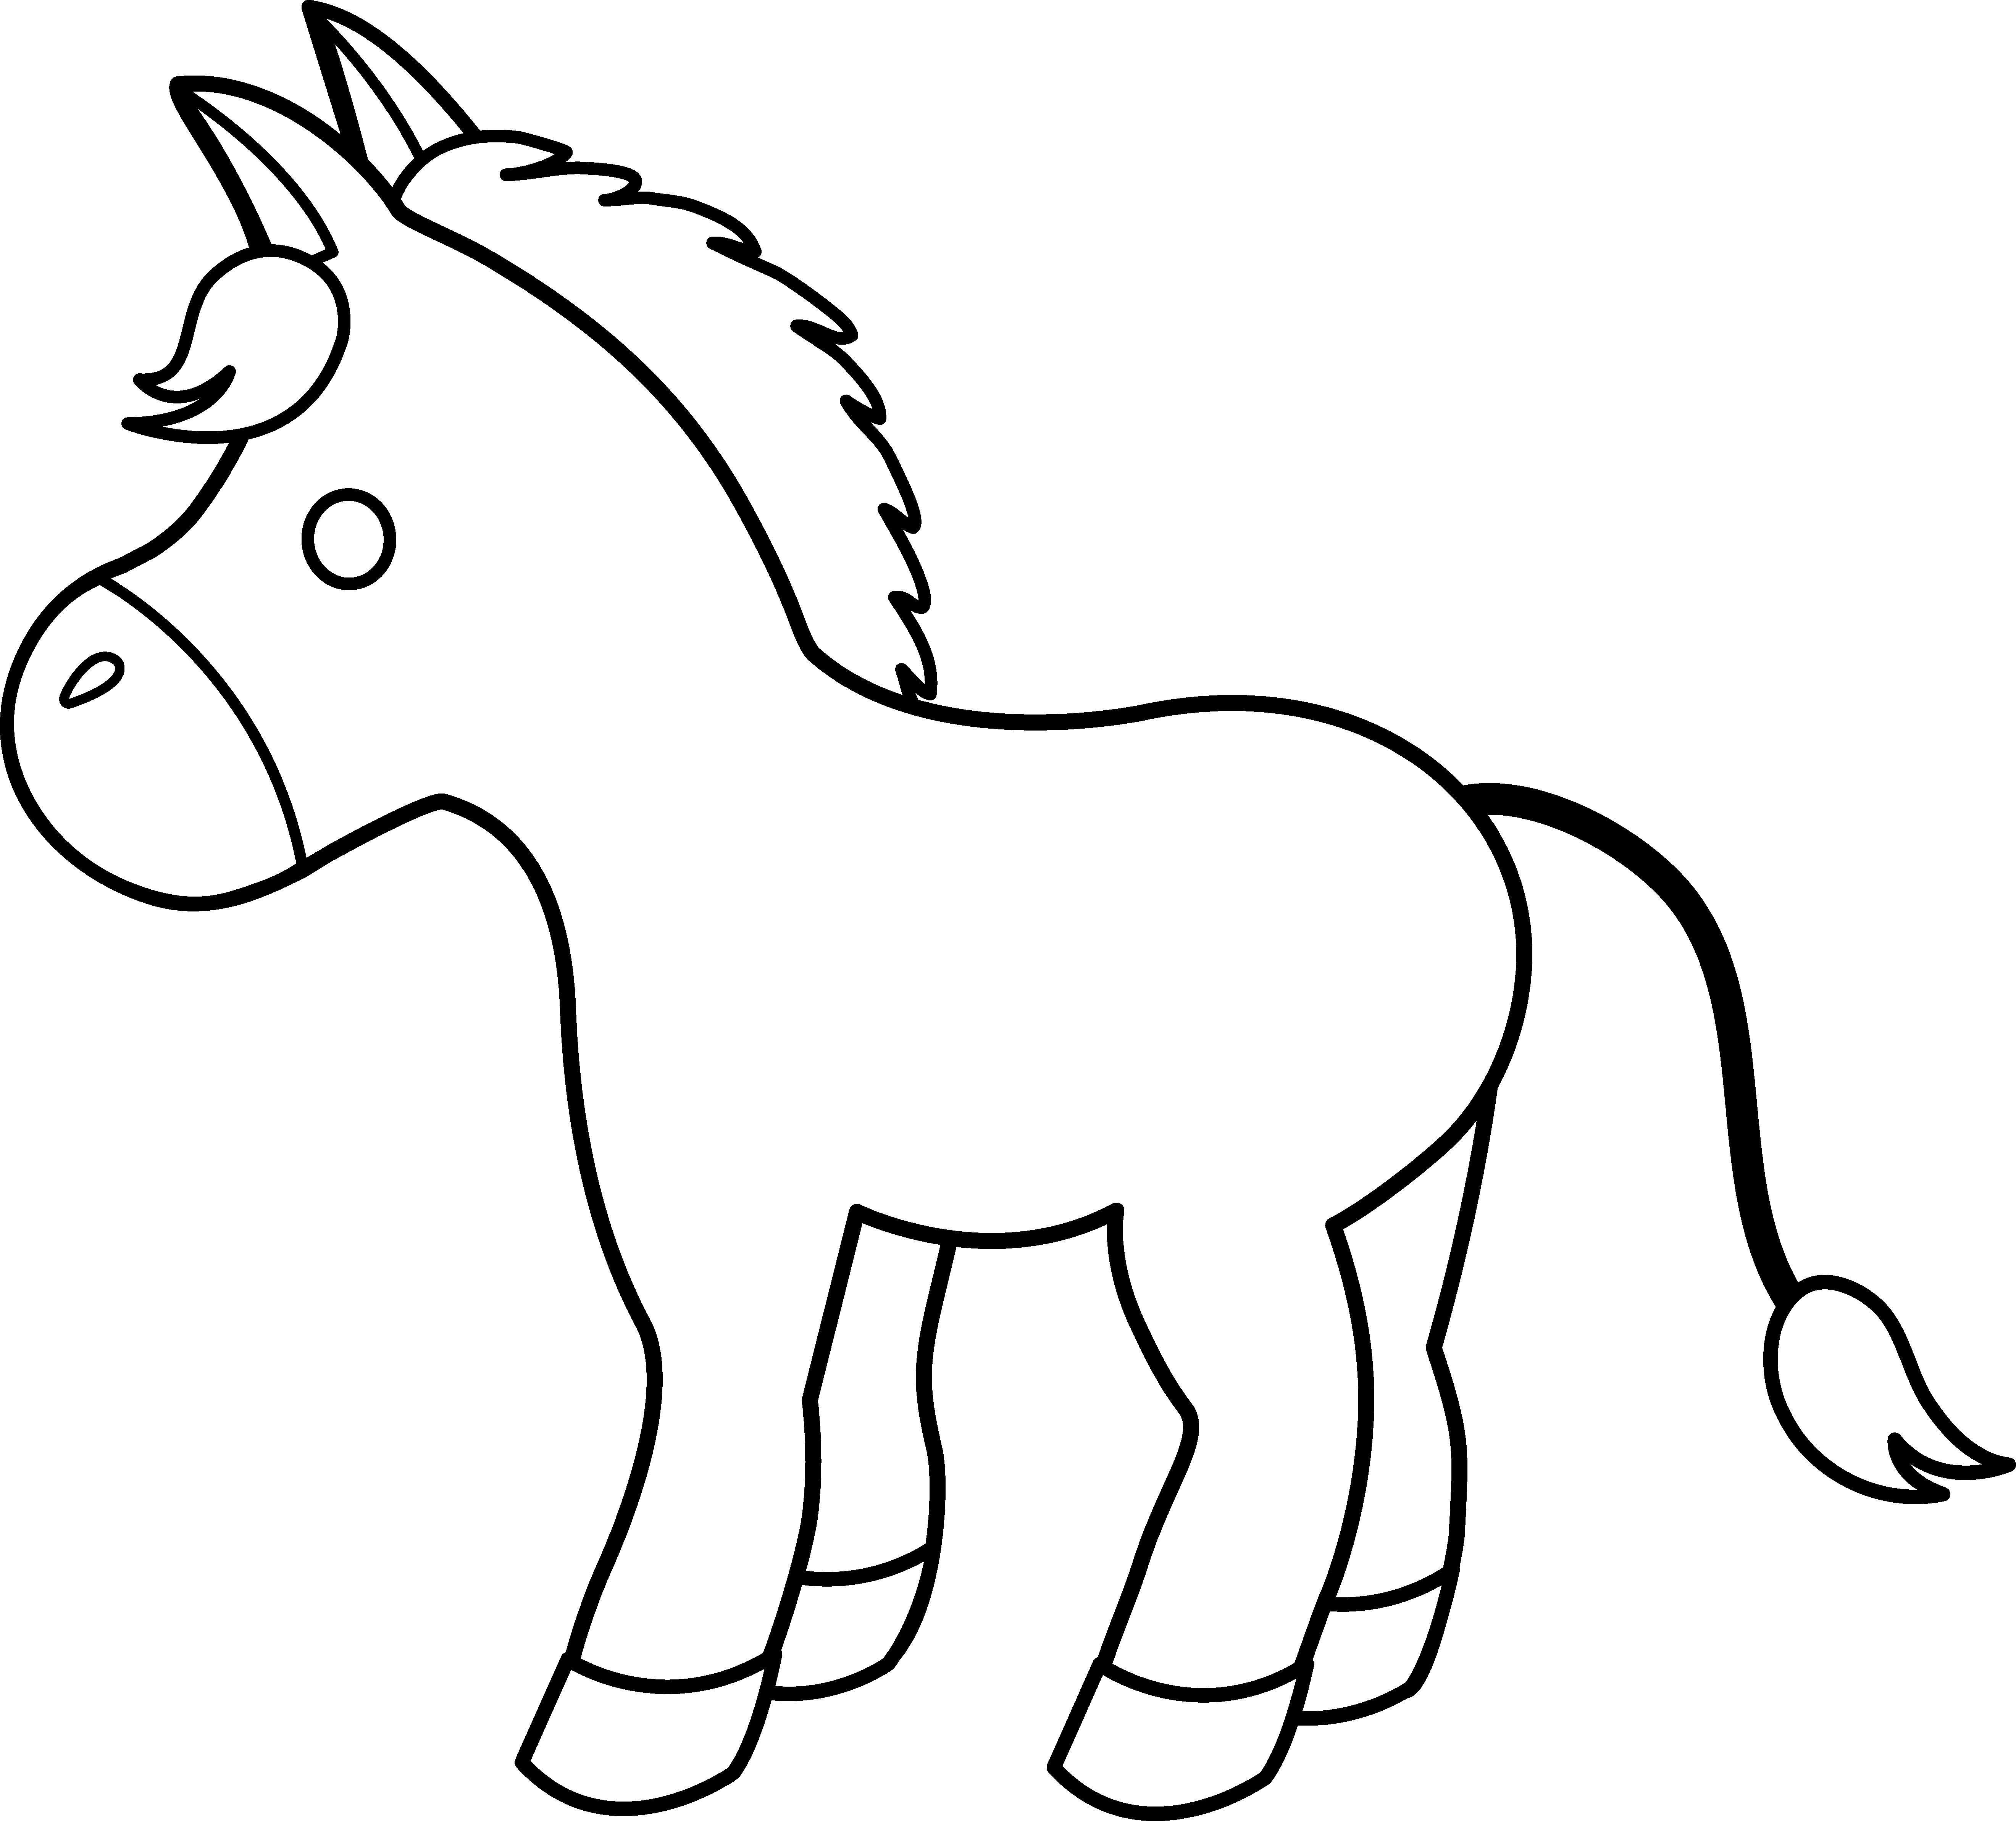 Clip Art Donkey - Cliparts.co